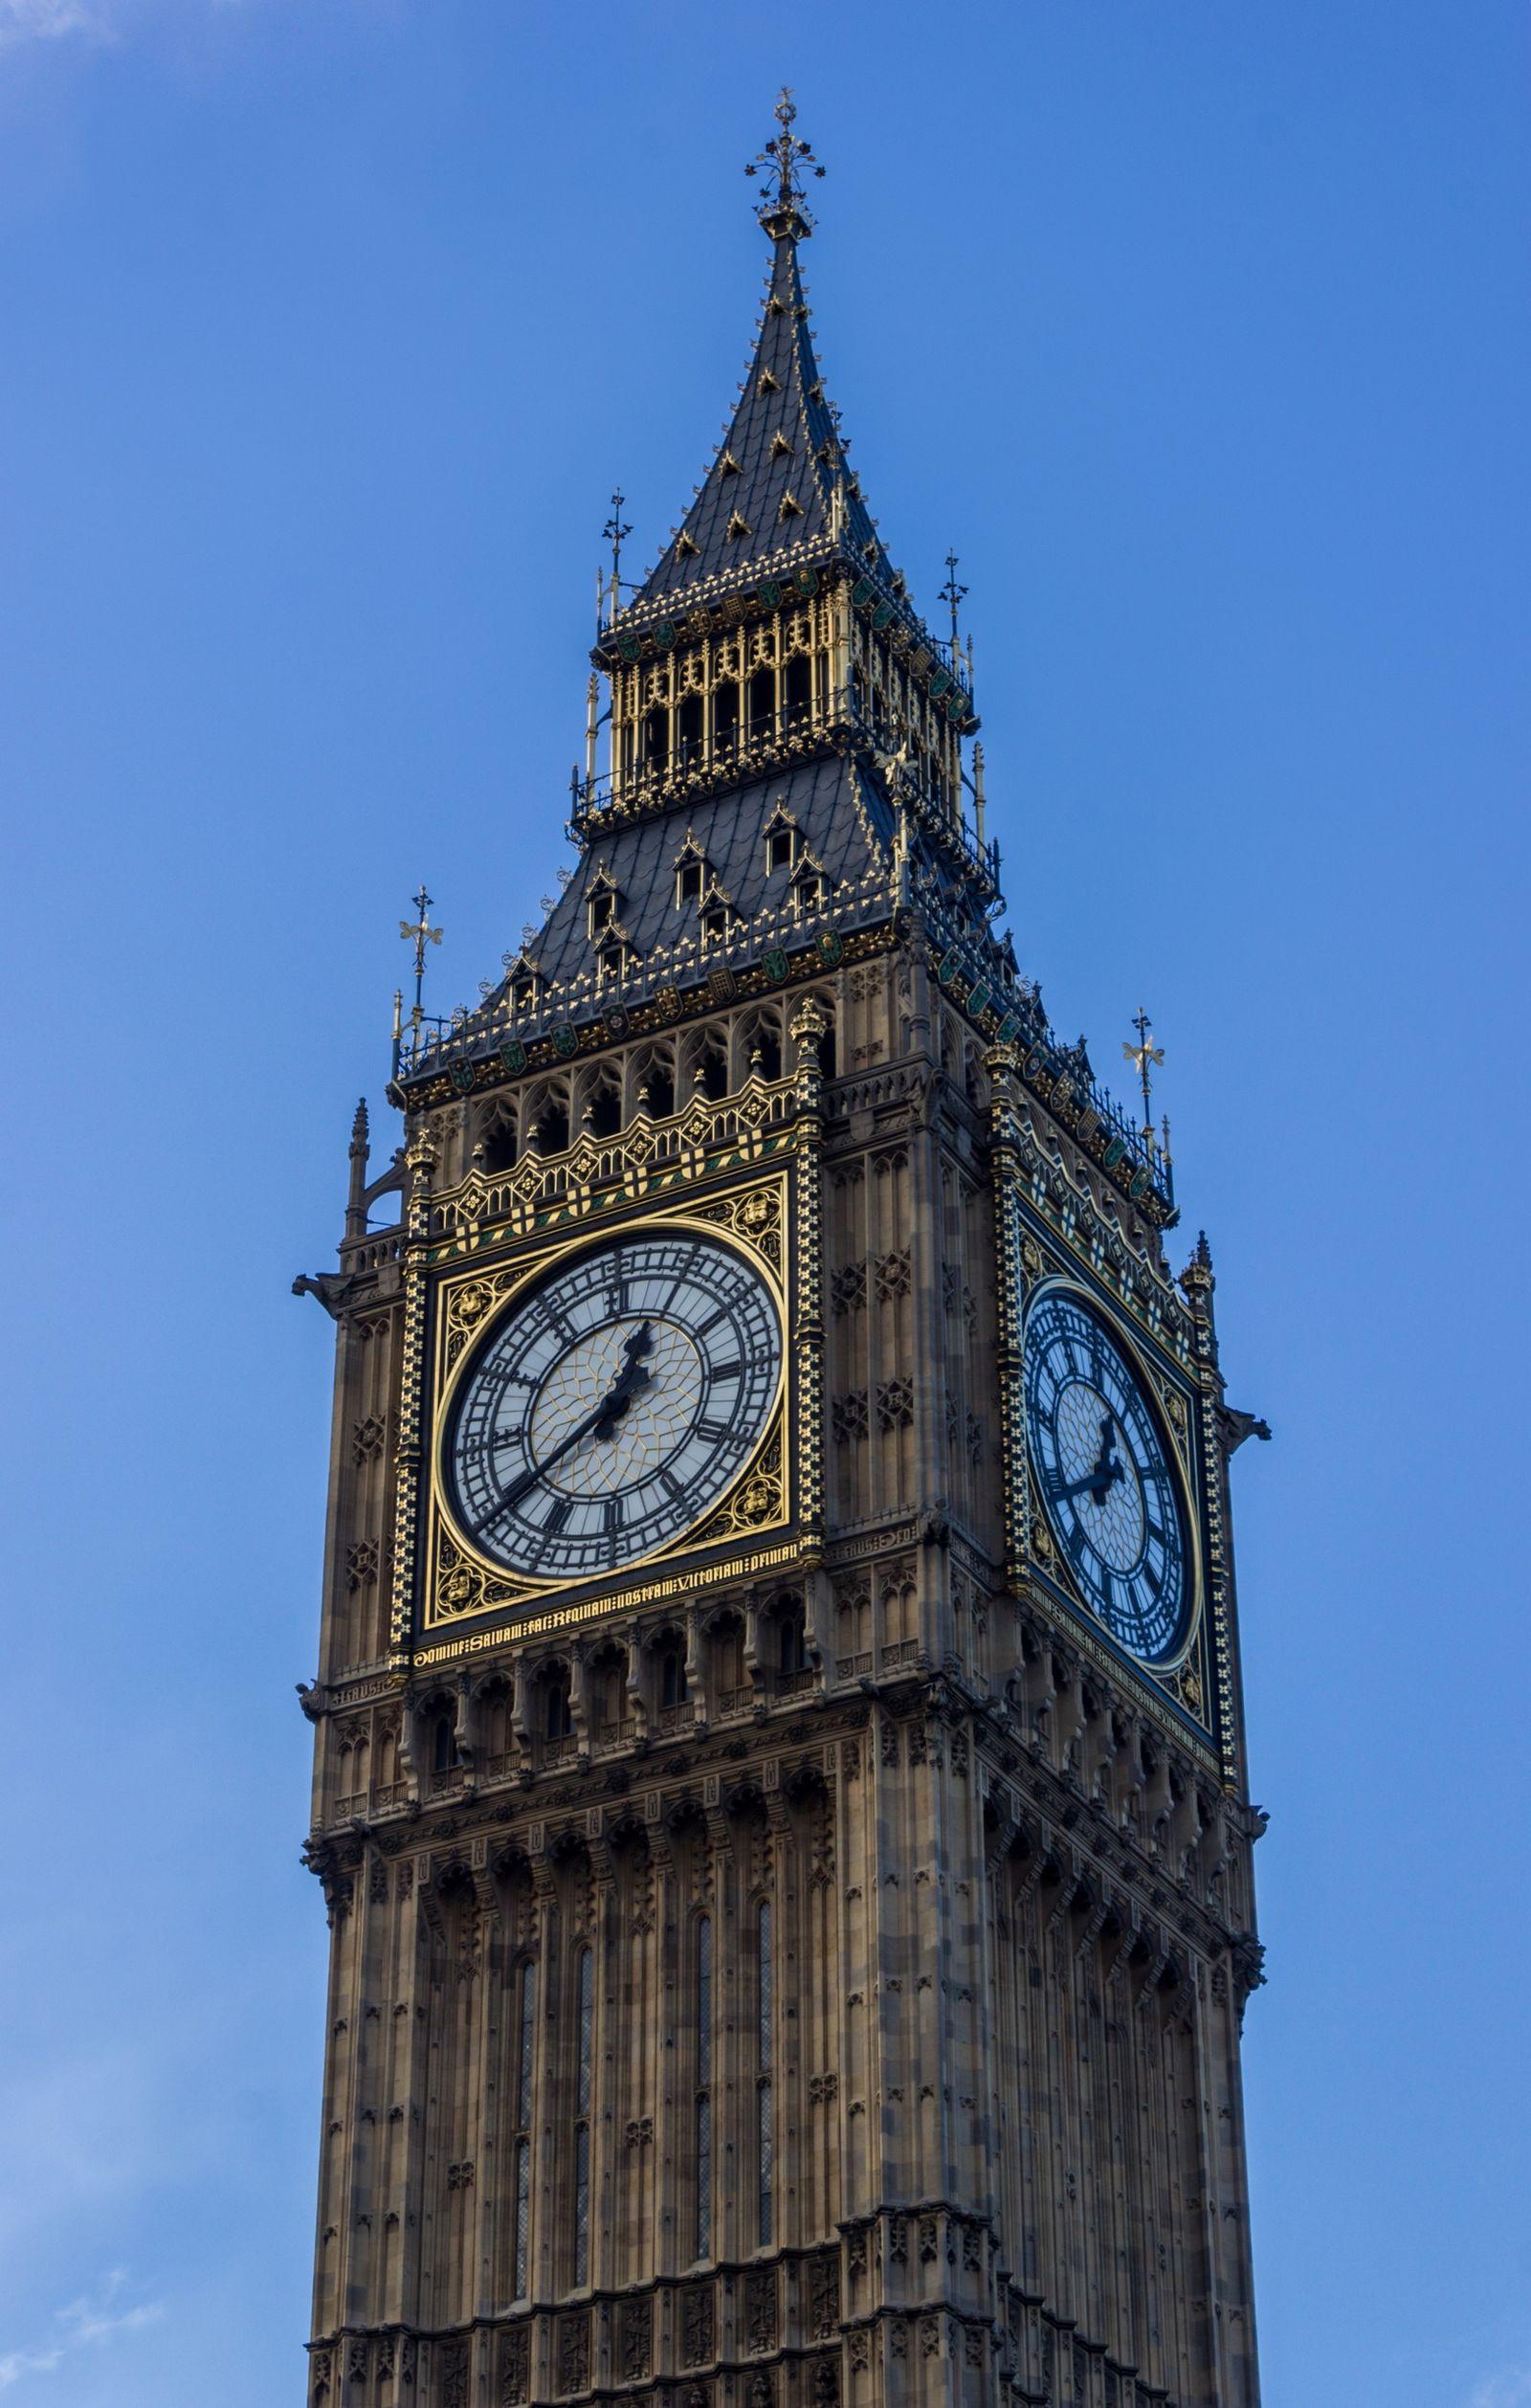 Detalle del reloj del Big Ben